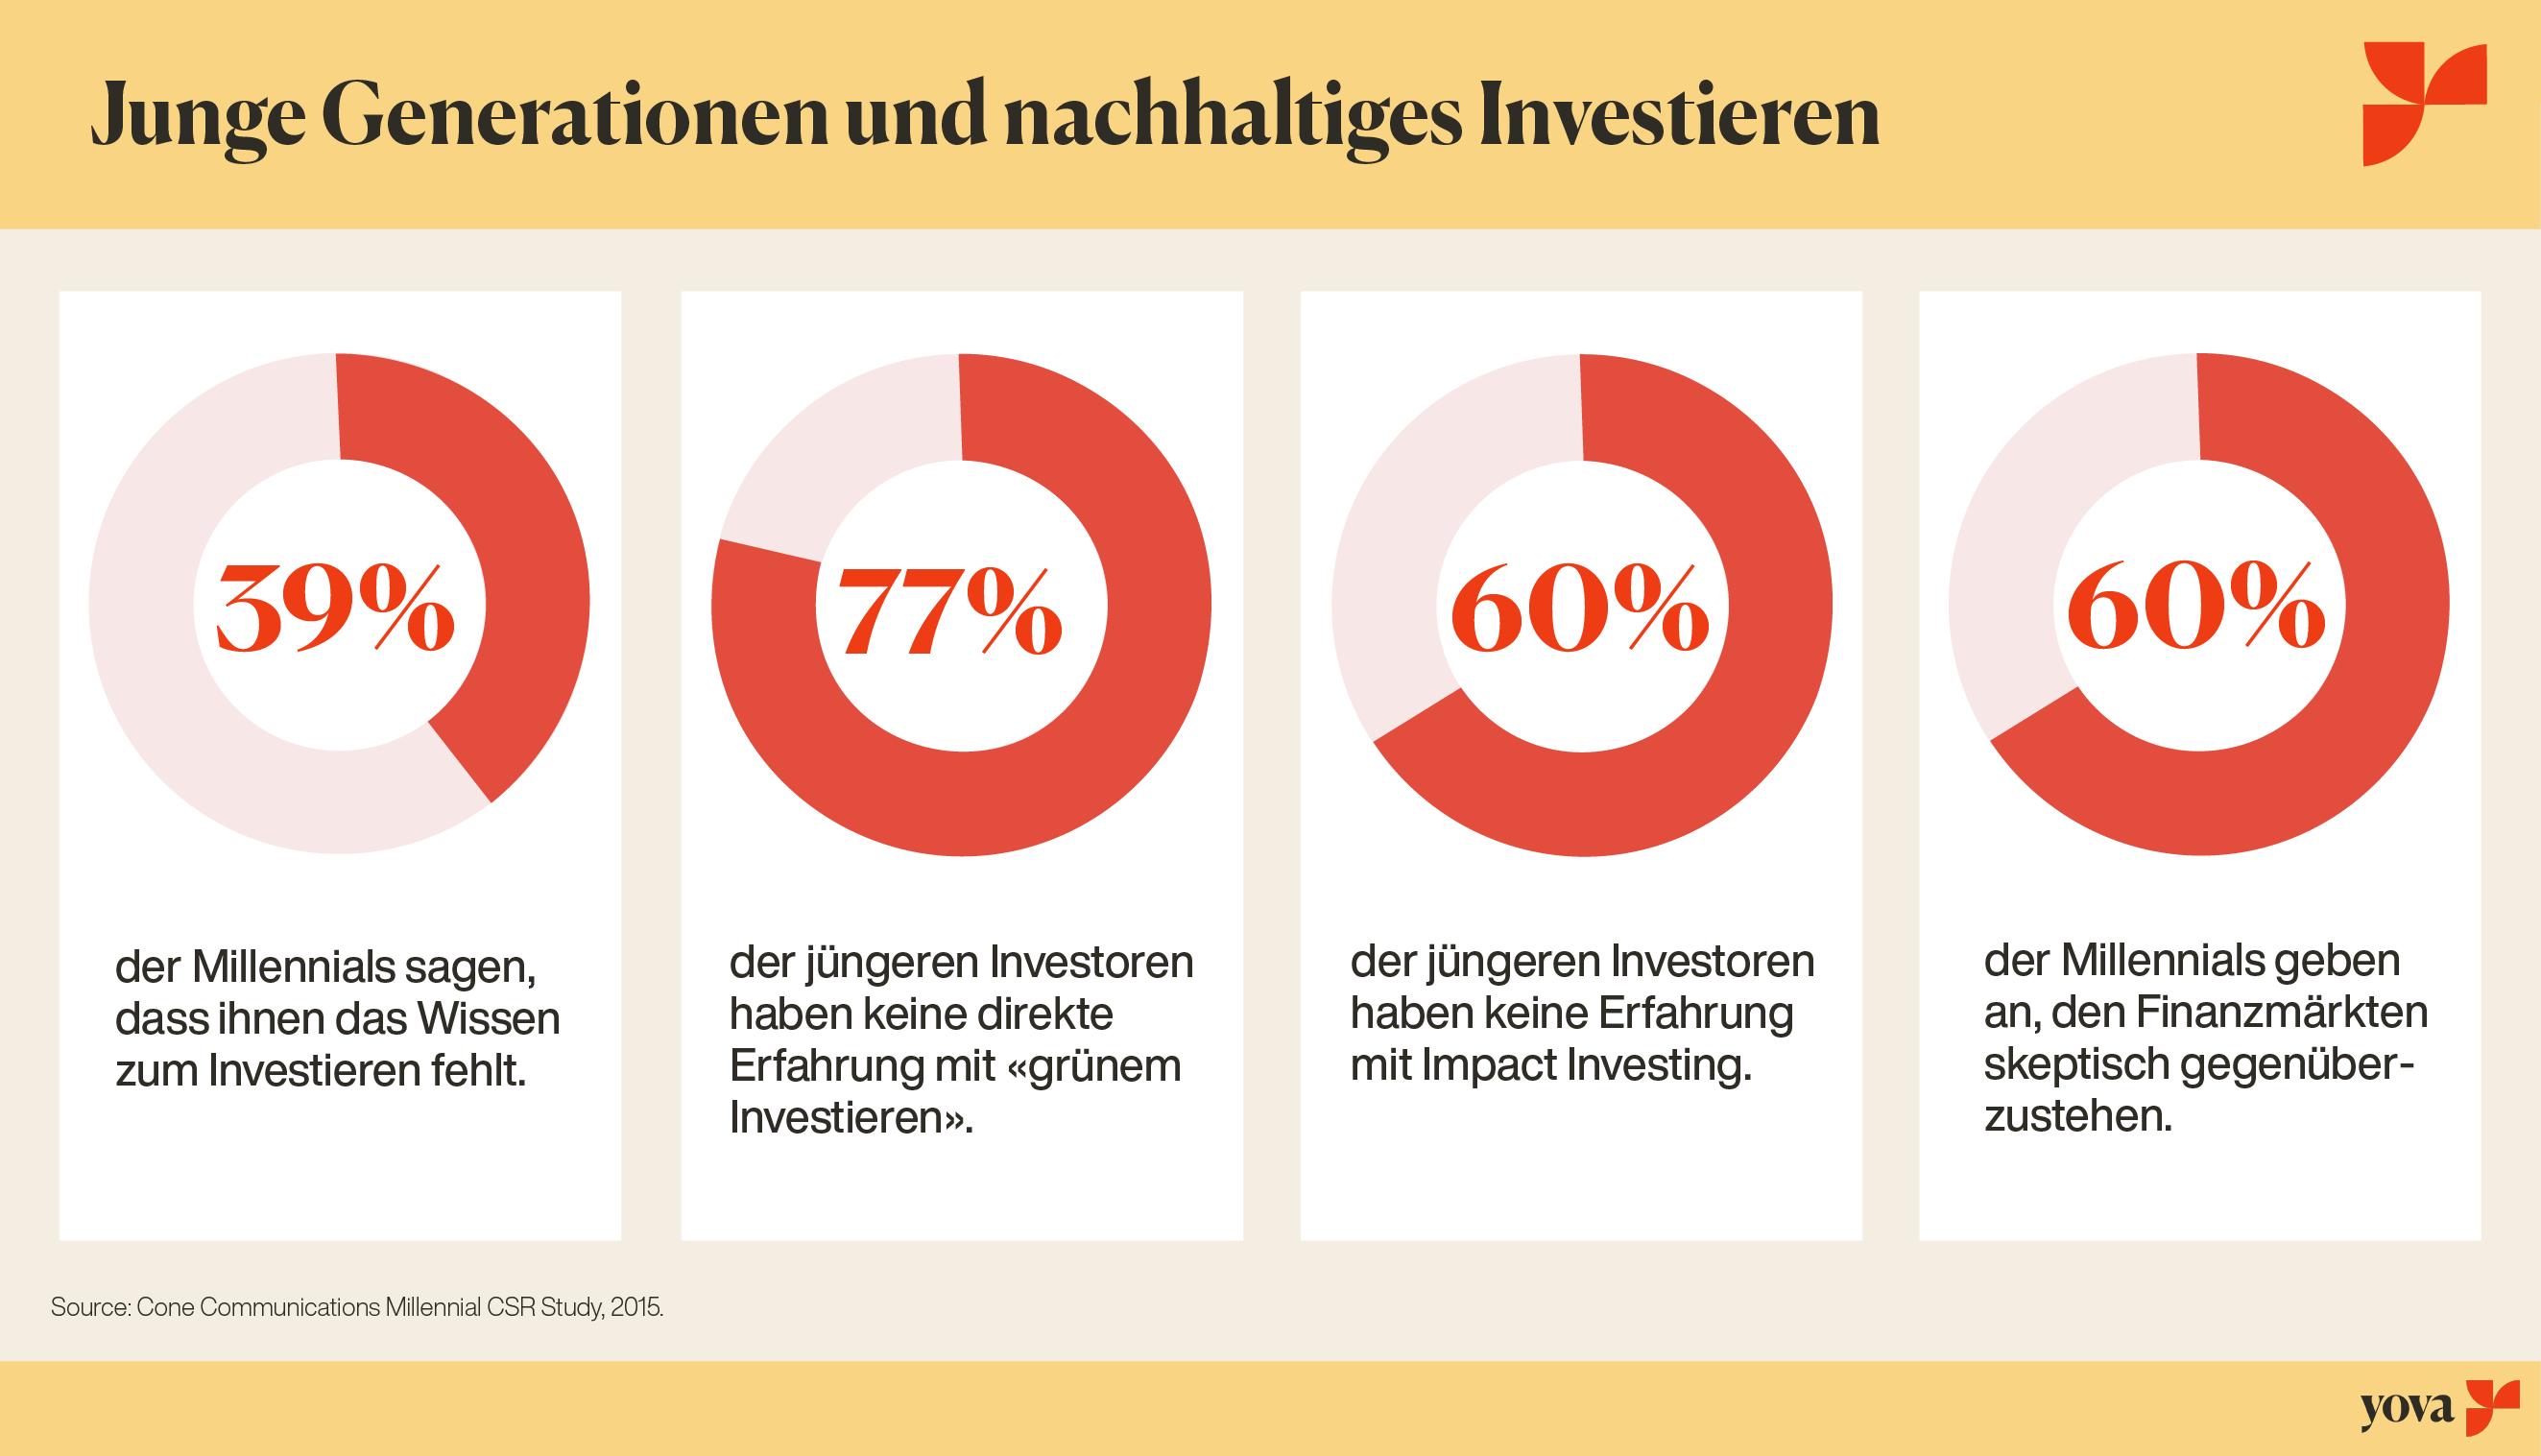 Grafik: Junge Generationen und nachhaltiges Investieren